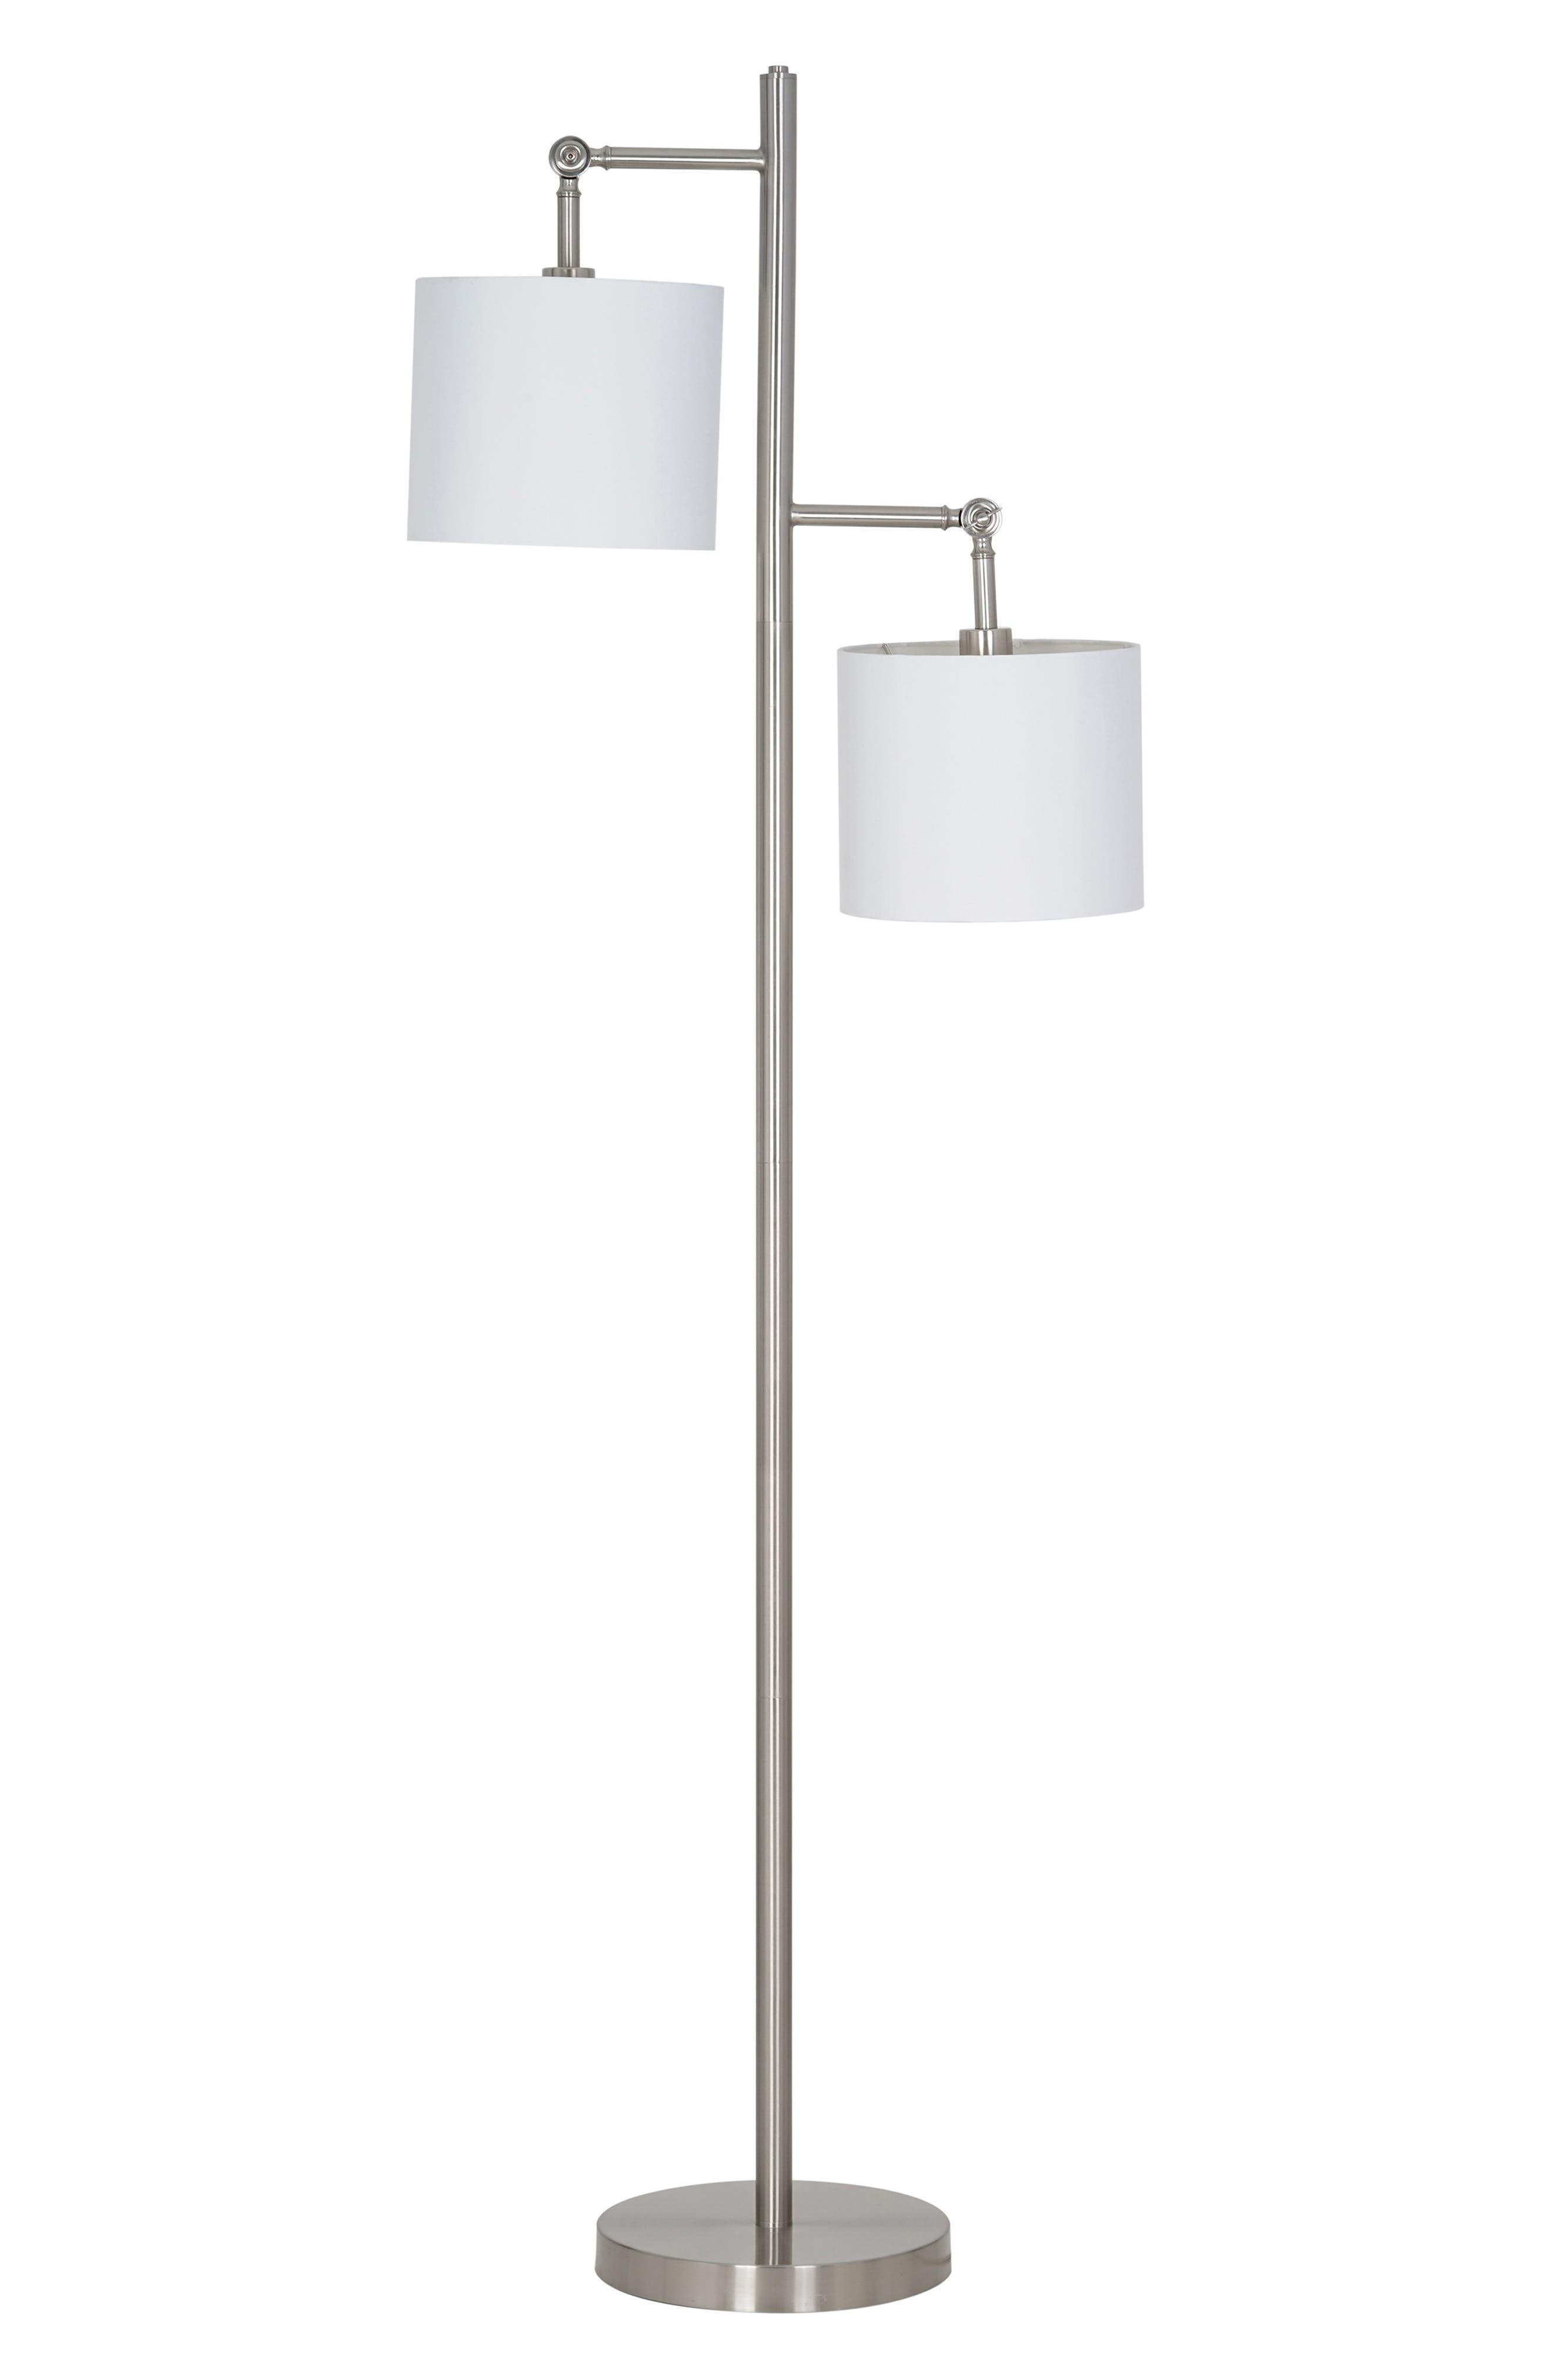 Jalexander Lighting Bentley Floor Lamp Size One Size  Metallic